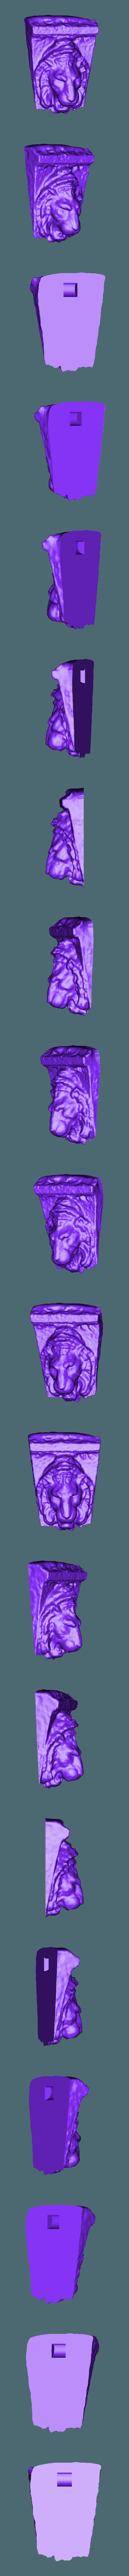 LionScanWallHanger.stl Télécharger fichier STL gratuit Scan 3D de la sculpture du lion (suspension murale) • Modèle imprimable en 3D, 3DWP